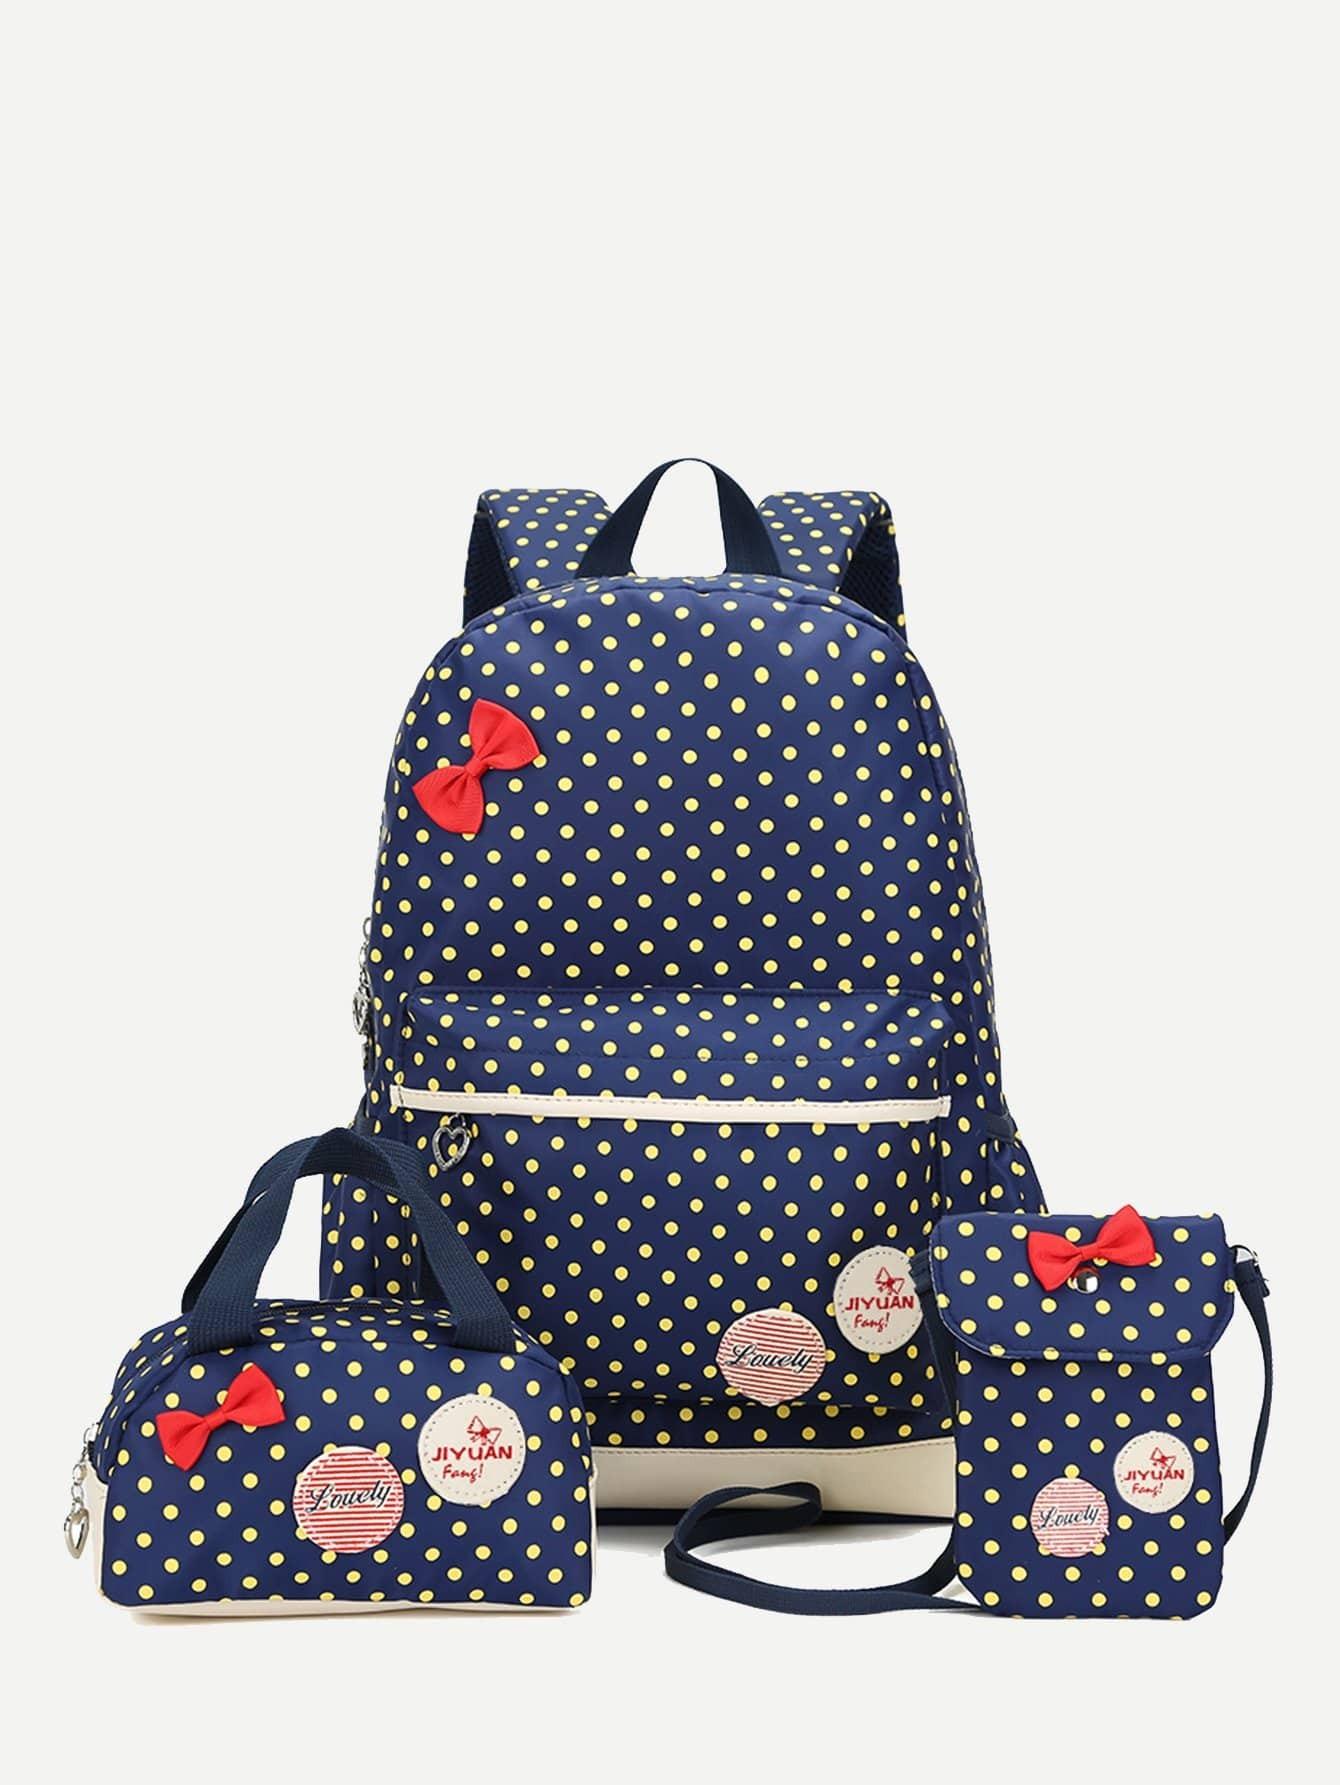 Рюкзак и с рисунками точки польги и с маленькой сумкой 3 шт, null, SheIn  - купить со скидкой